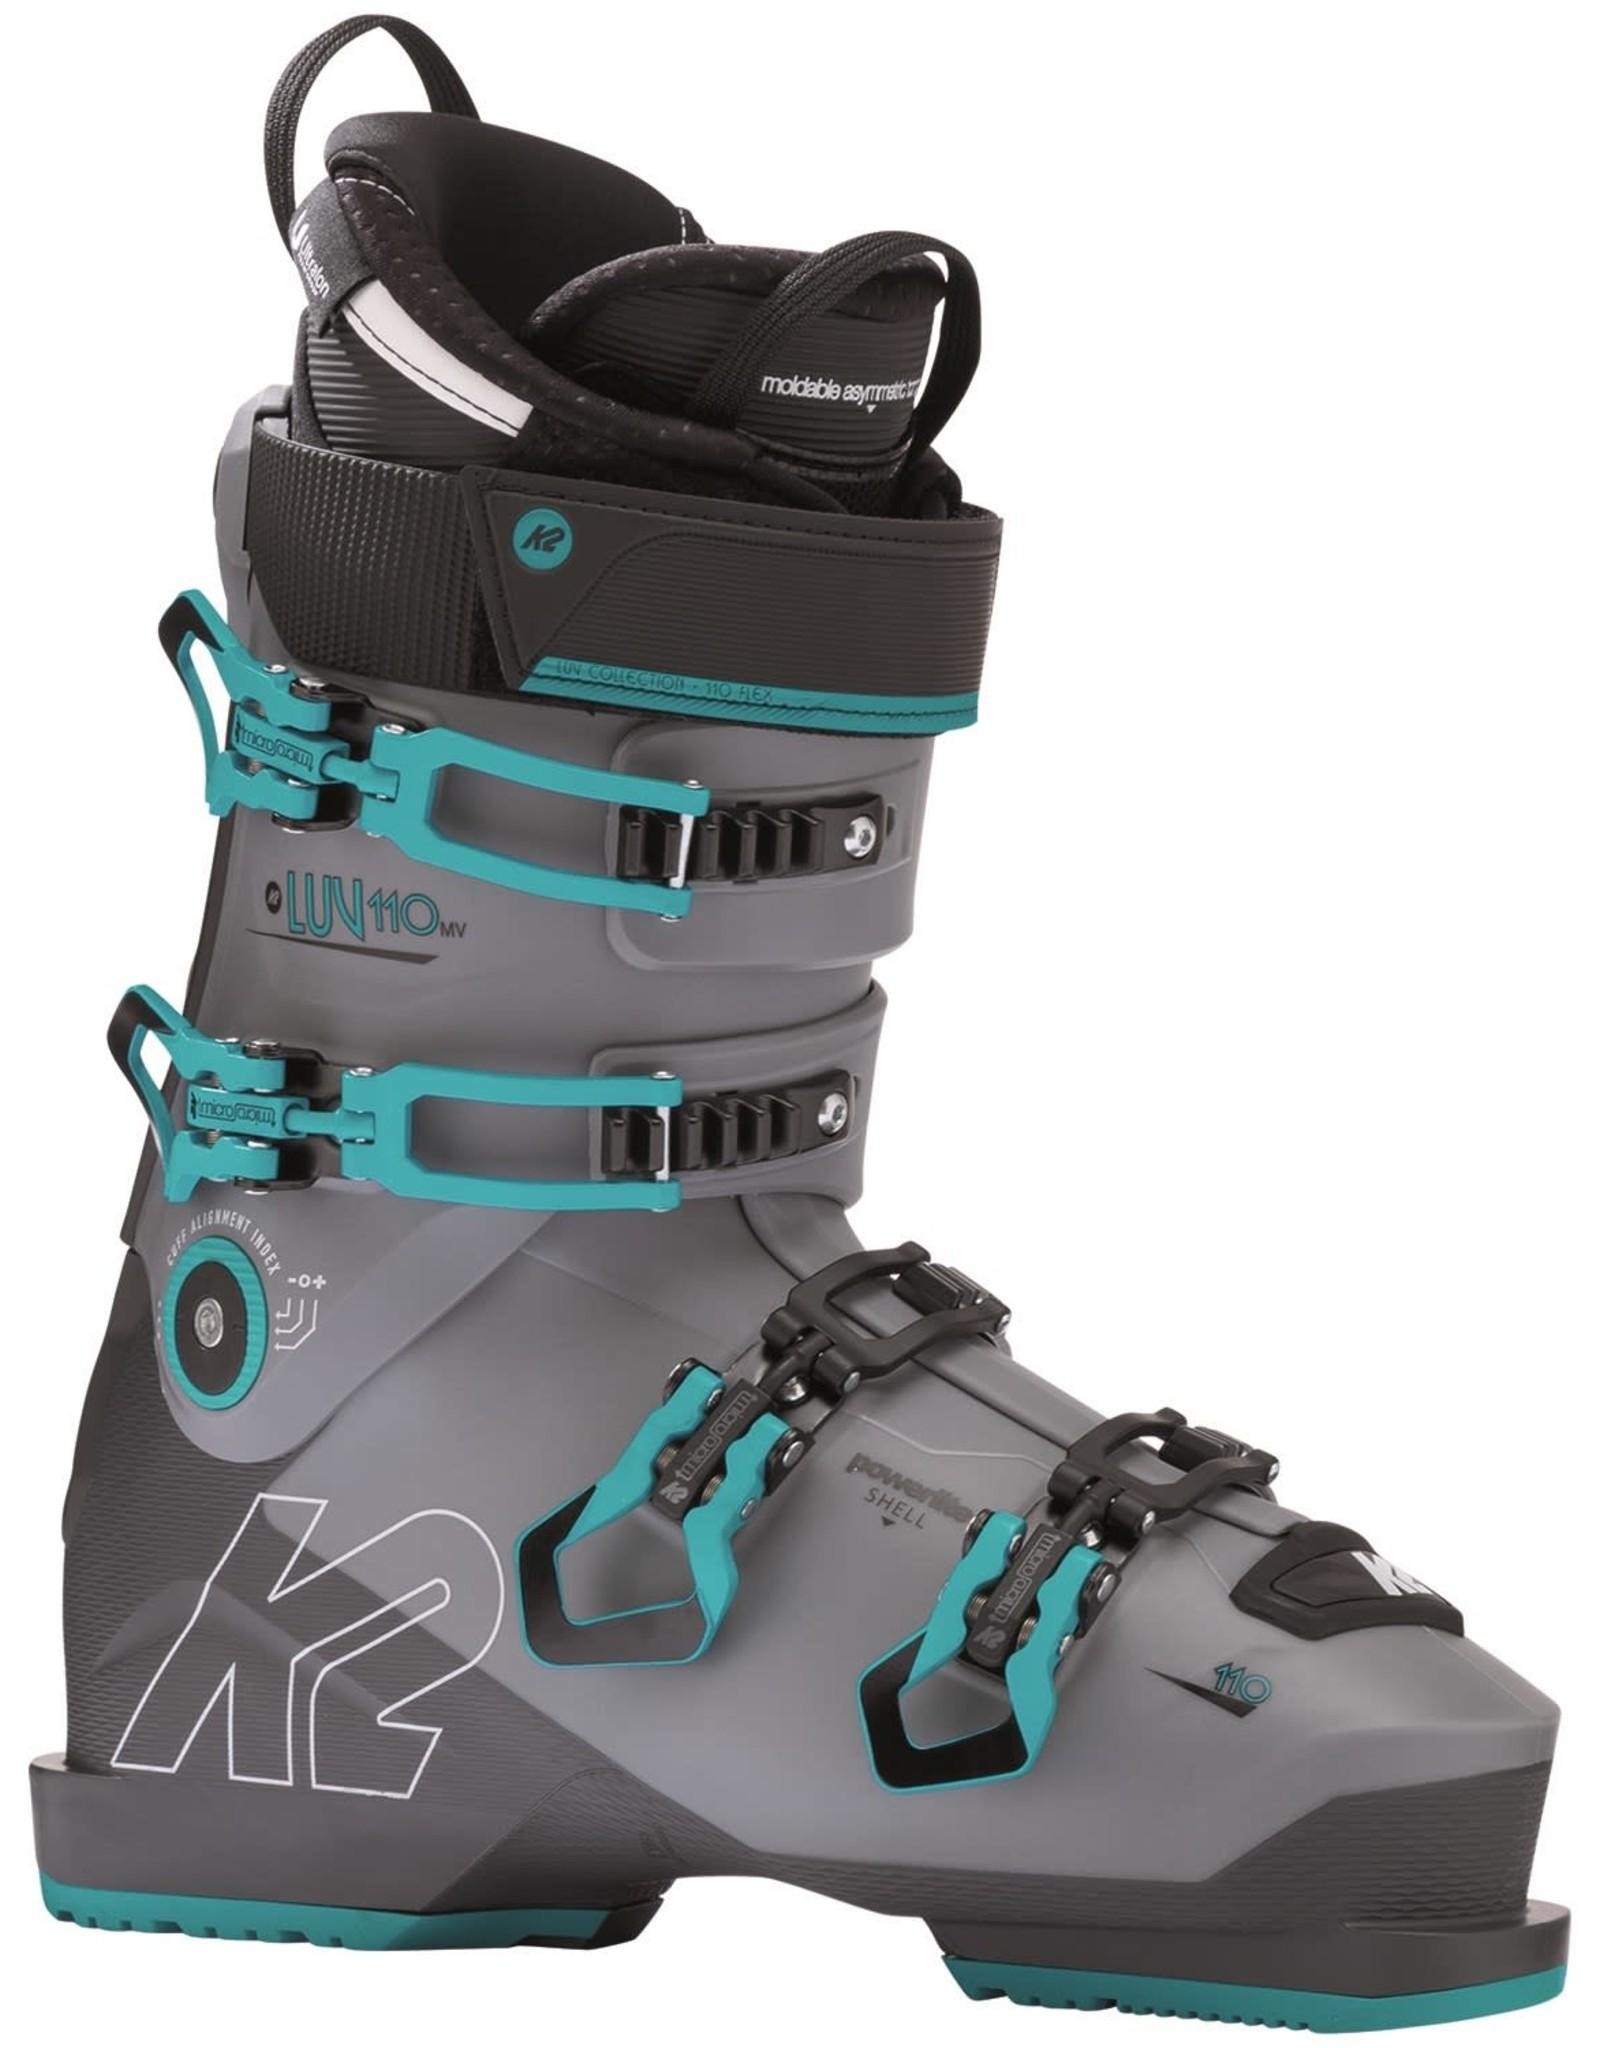 K2 K2 Ski Boots LUV 110 LV (18/19)